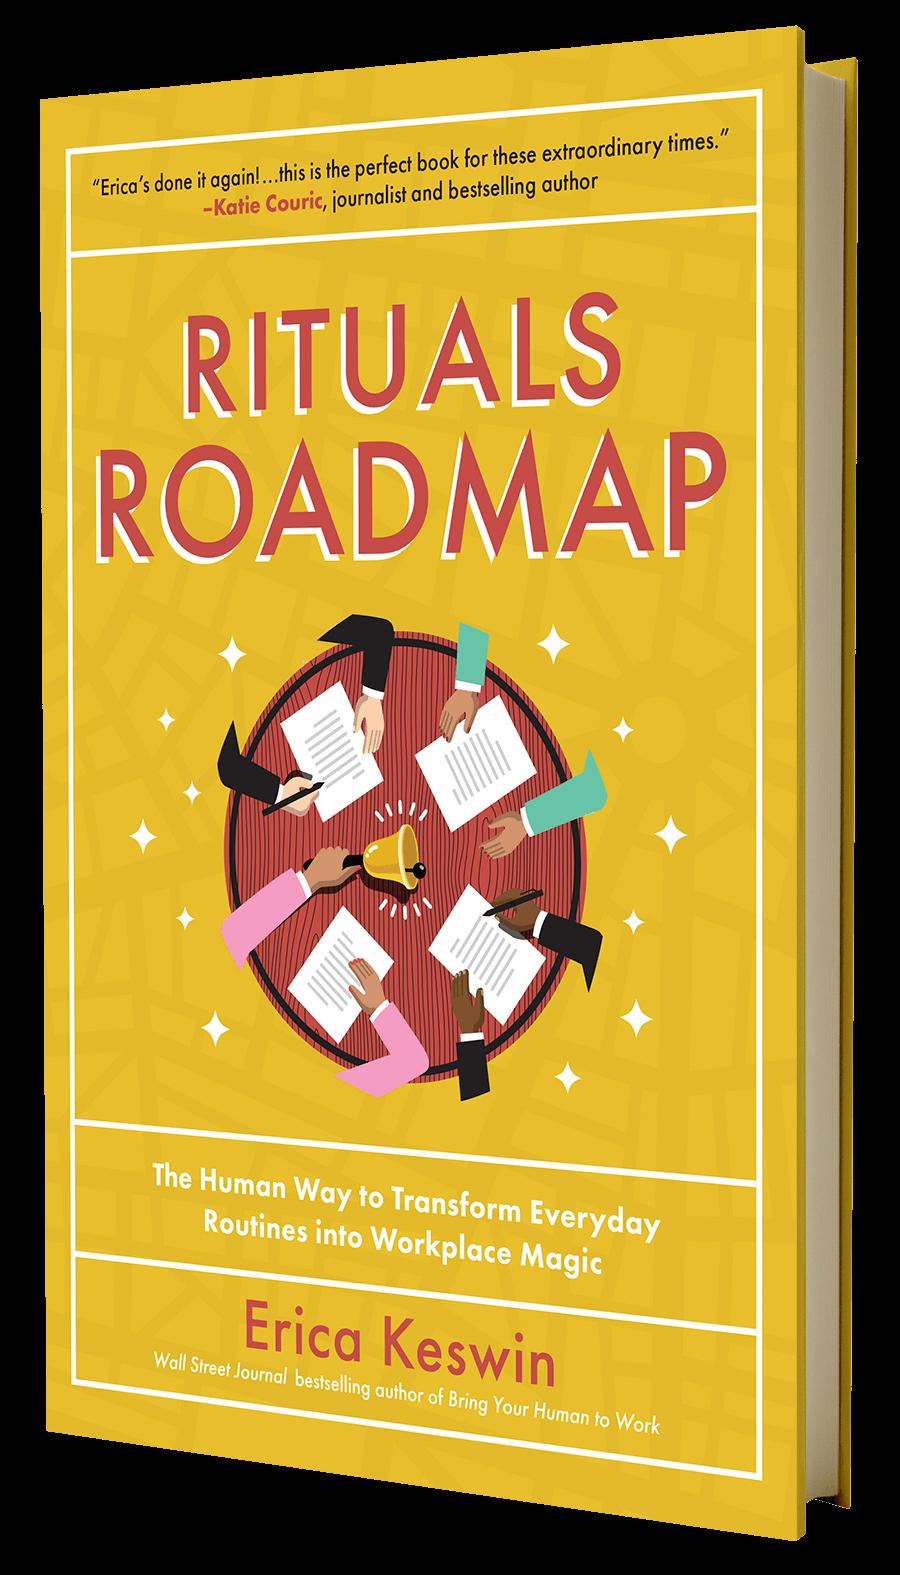 Rituals Roadmap book cover